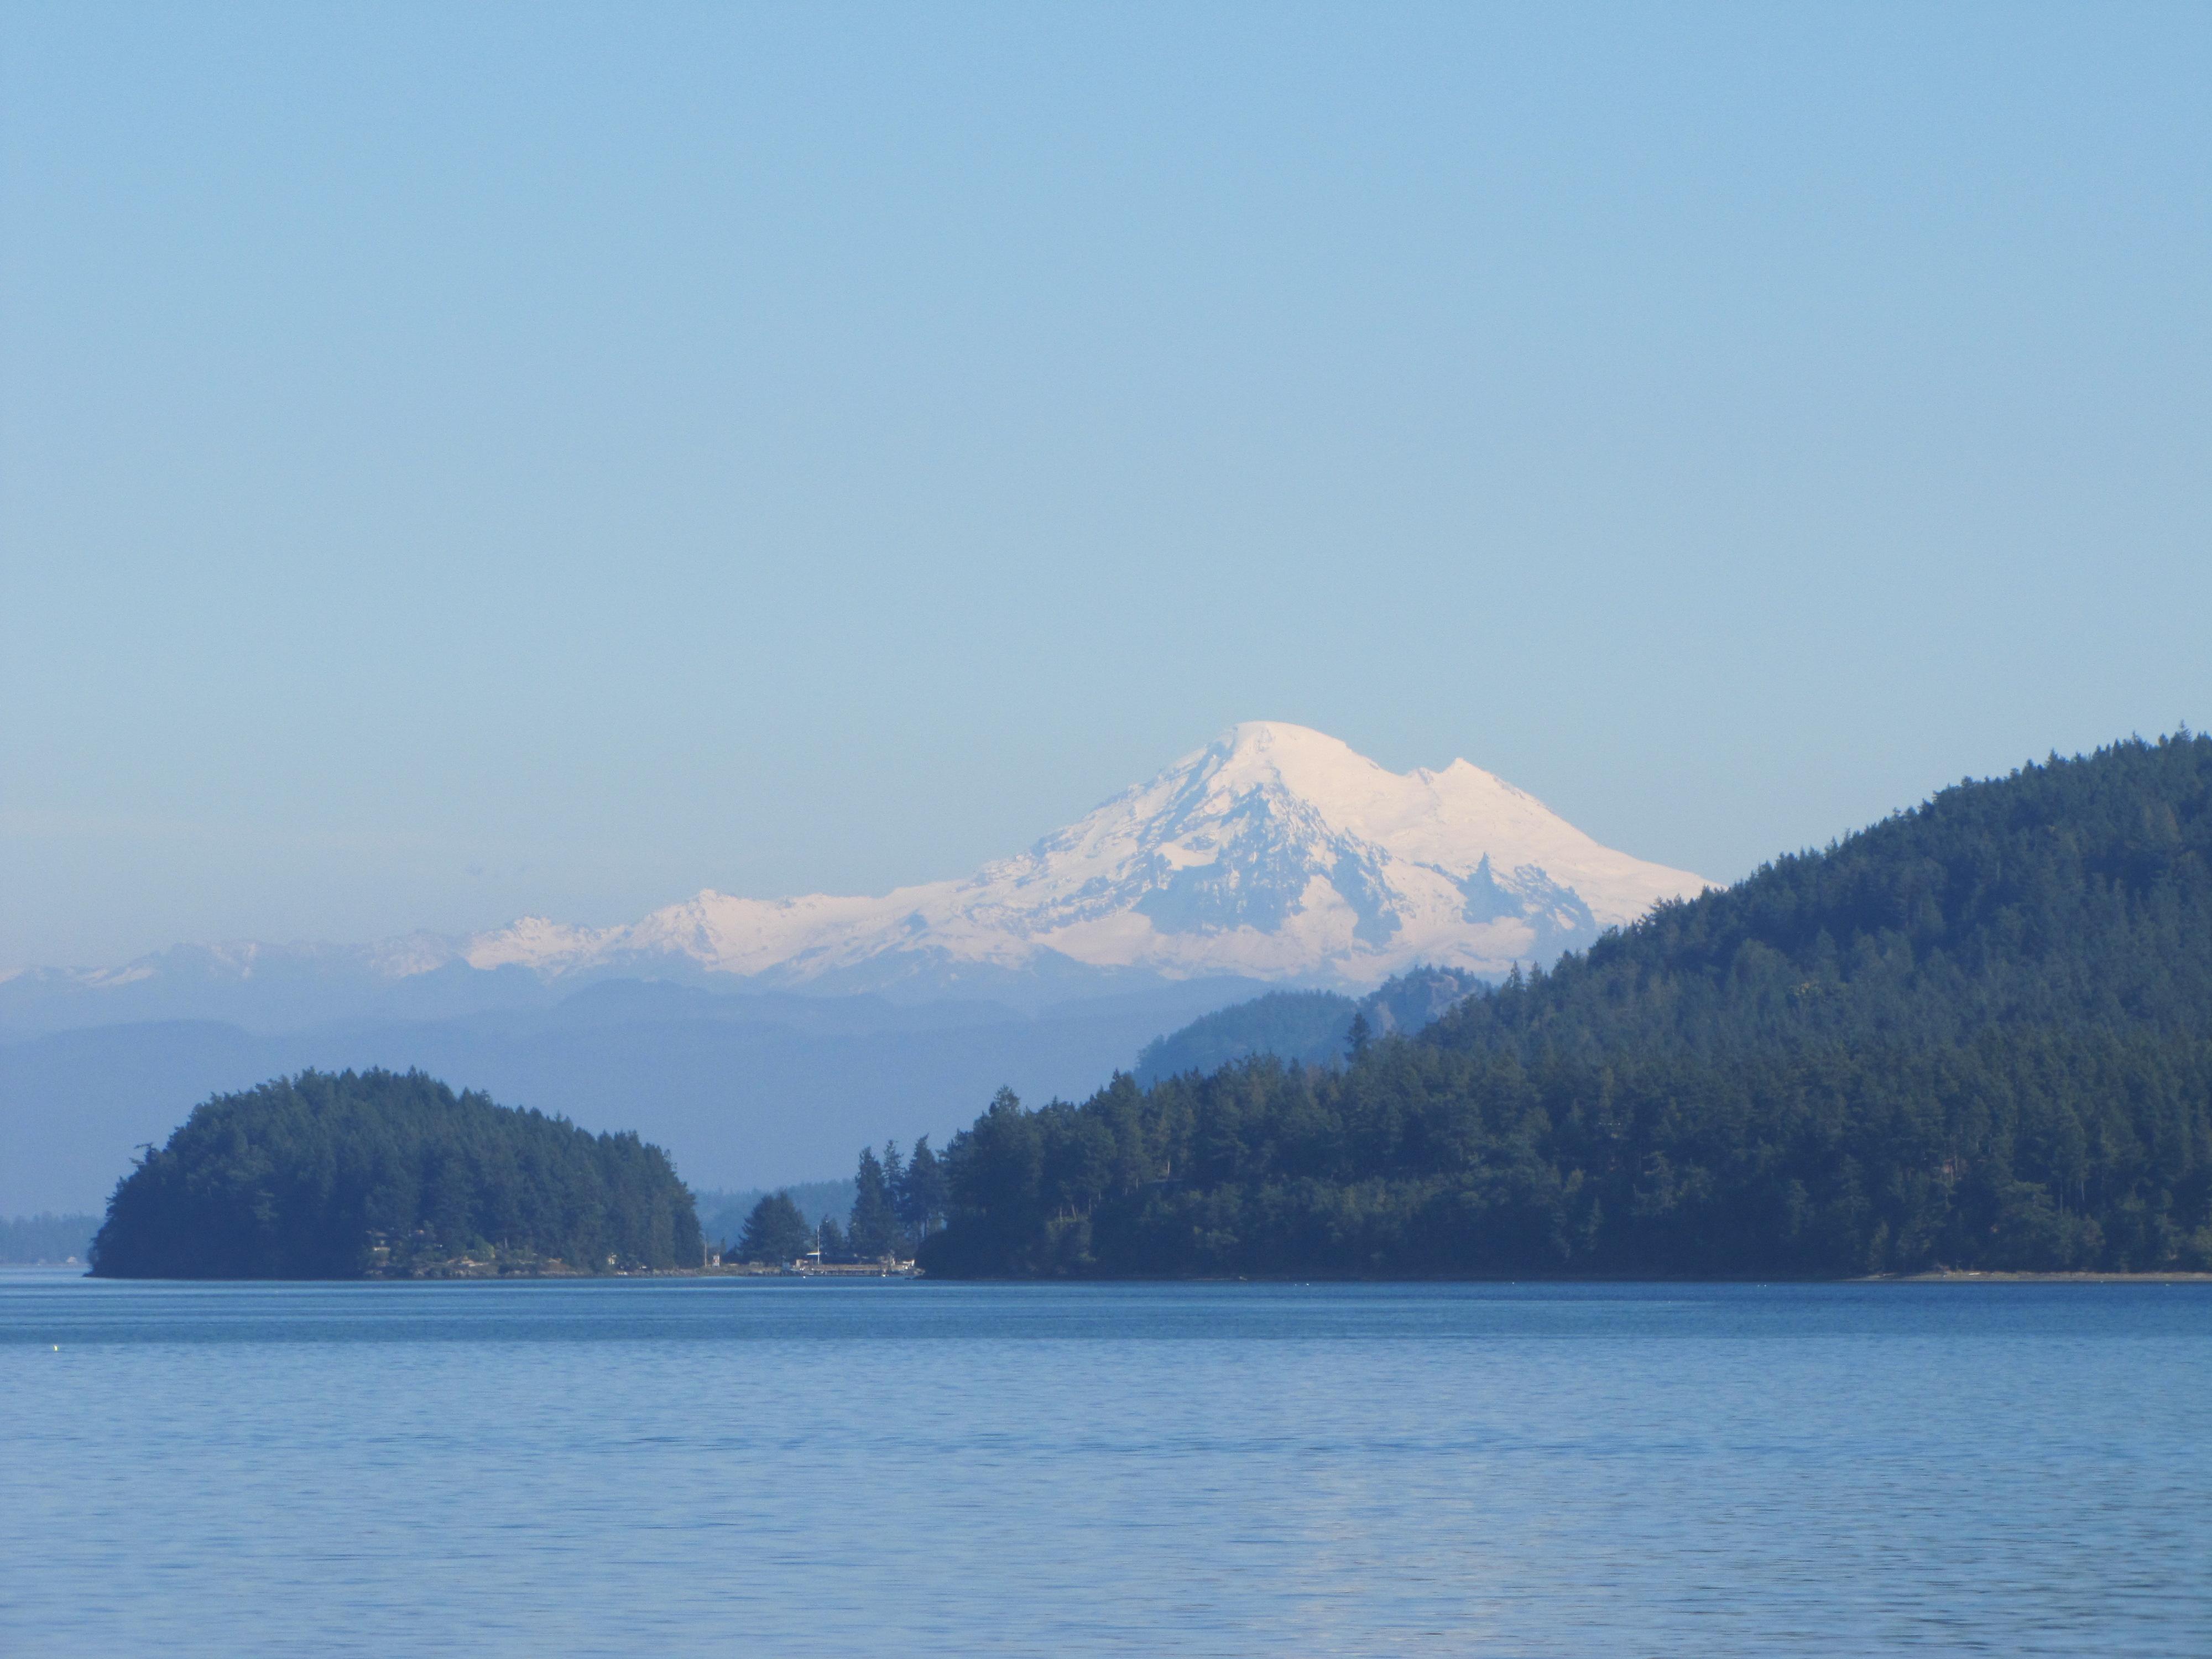 Mount Baker, seen from San Juan Ferry